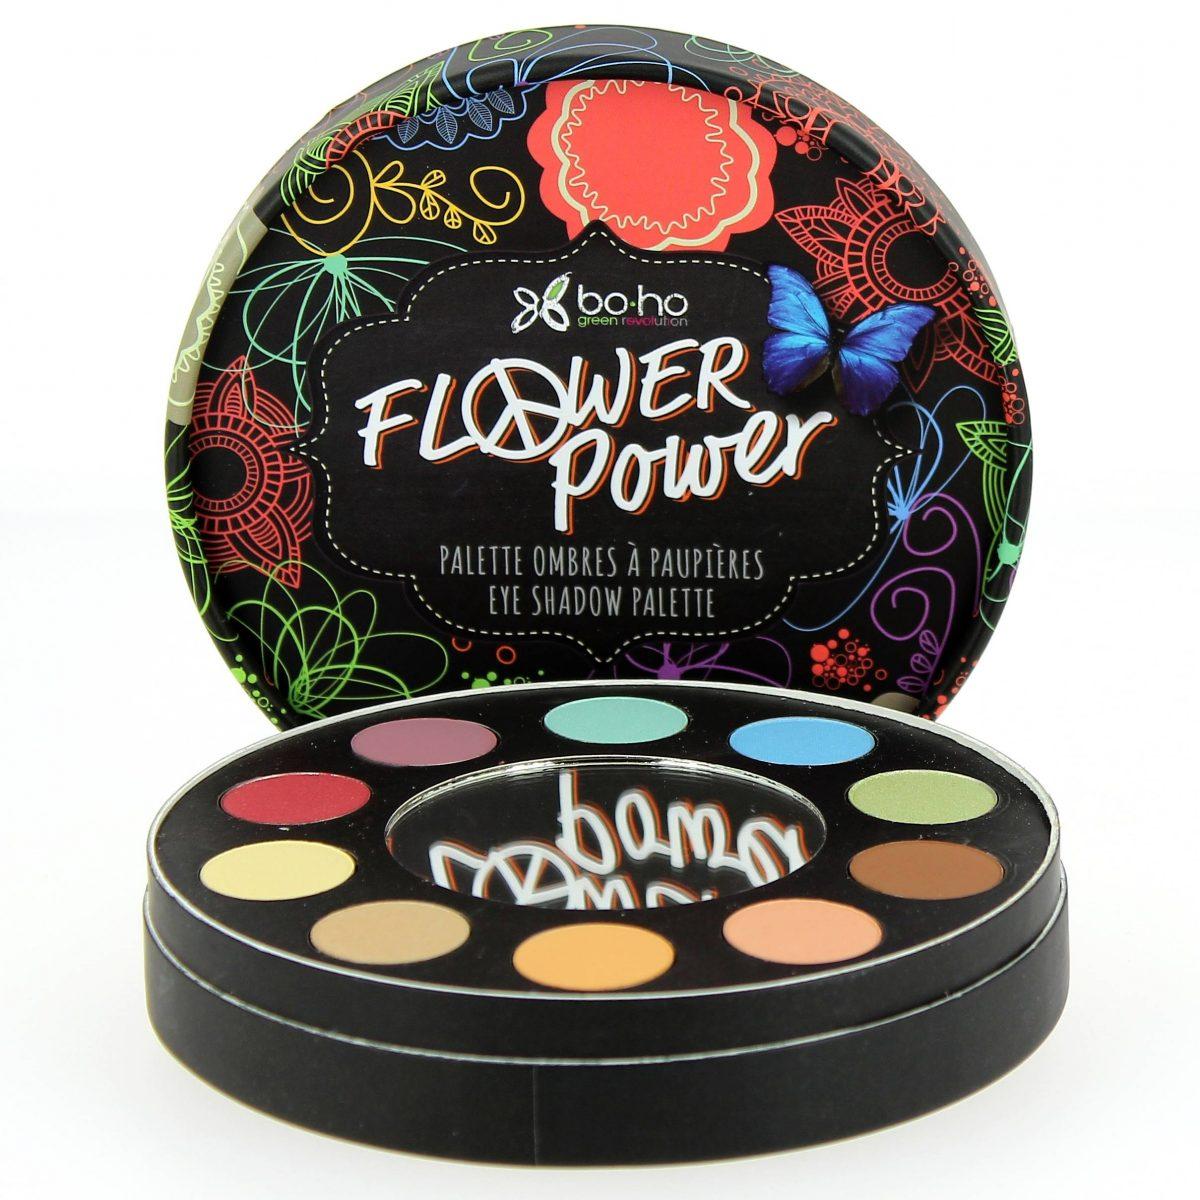 Flower Power, la nouvelle palette de fard à paupière Boho